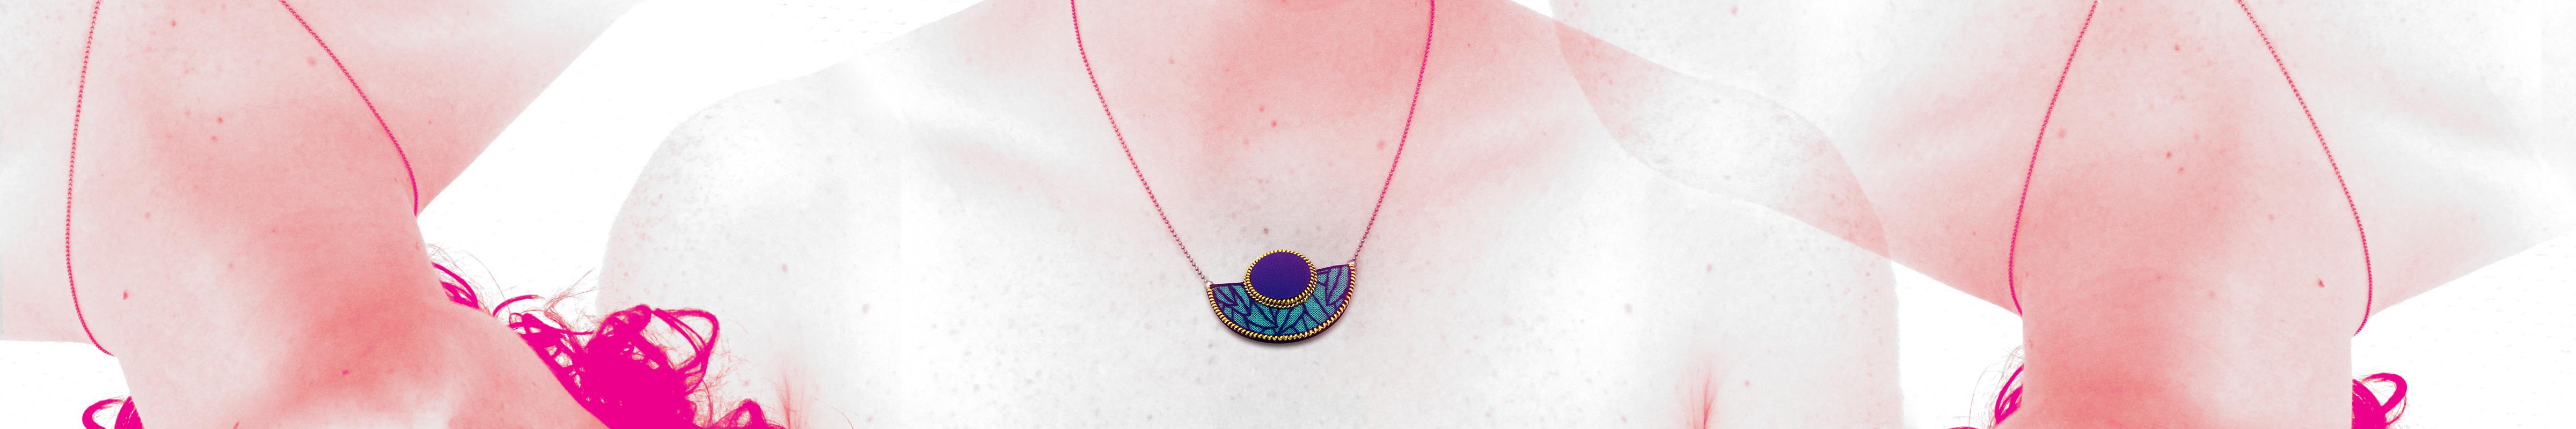 bijoux brodés,bijoux créateur Lyon,bijoux brodés Lyon,créatrice bijoux,bijoux fait main, bijoux de créateur,création bijoux lyon, bijoux artisanaux,bijou créateur